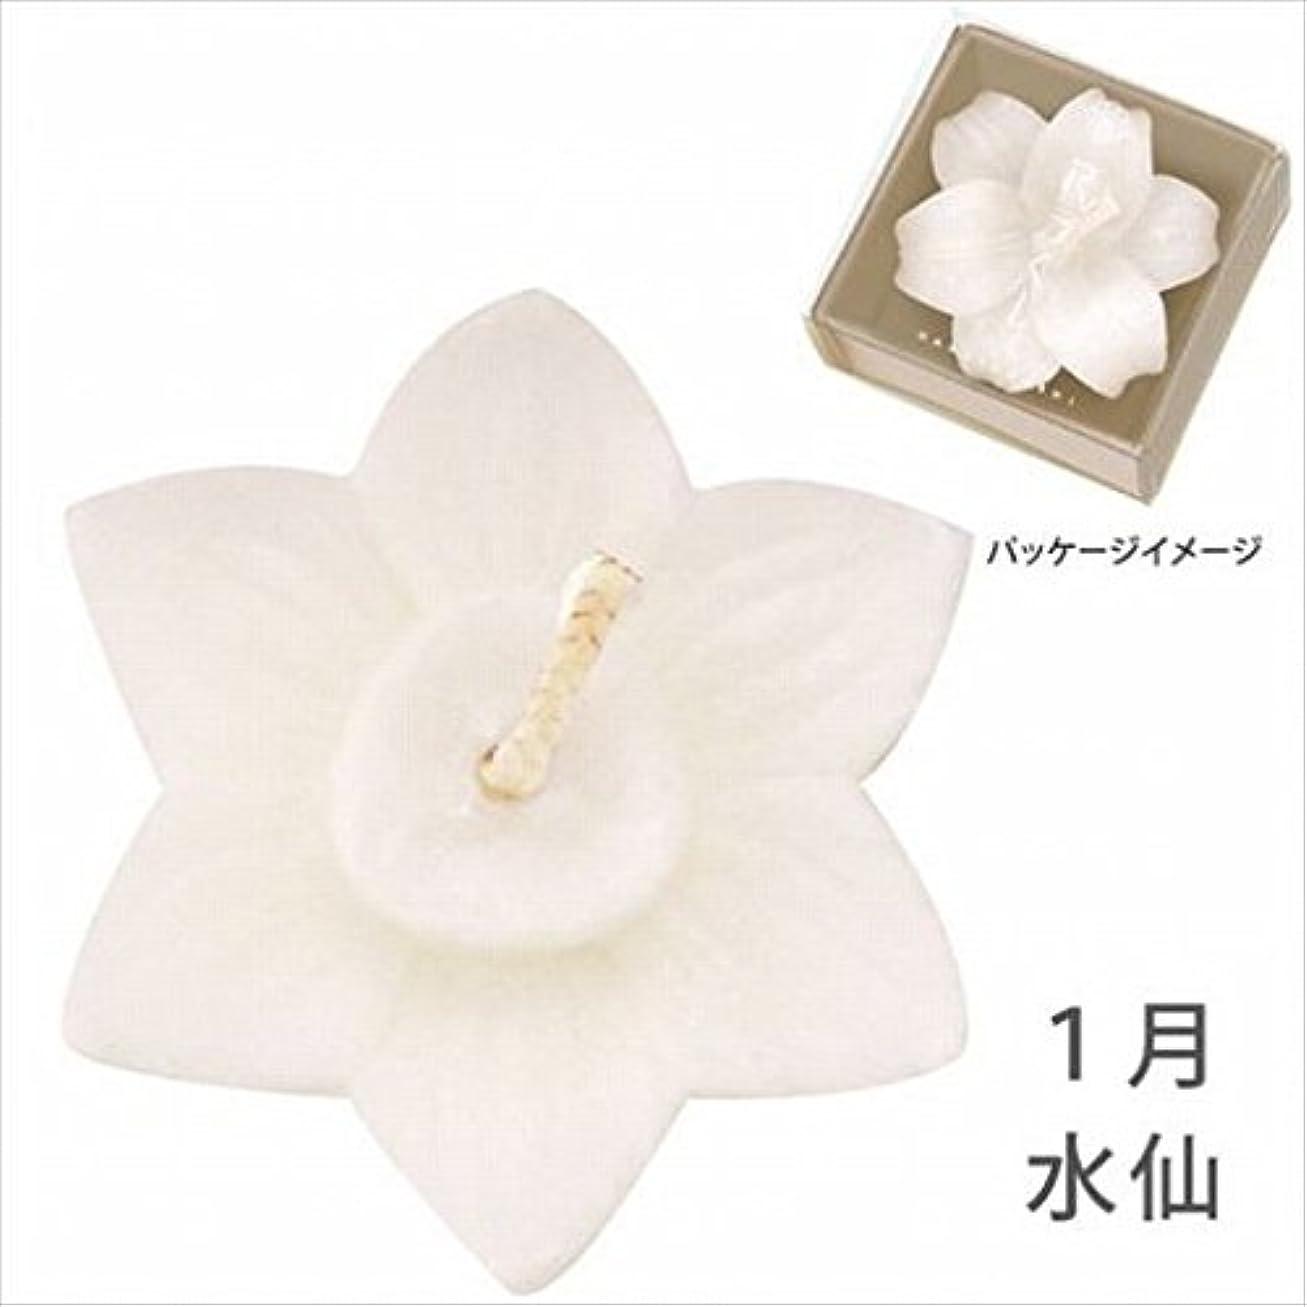 本当のことを言うと抑圧するkameyama candle(カメヤマキャンドル) 花づくし(植物性) 水仙 「 水仙(1月) 」 キャンドル(A4620530)